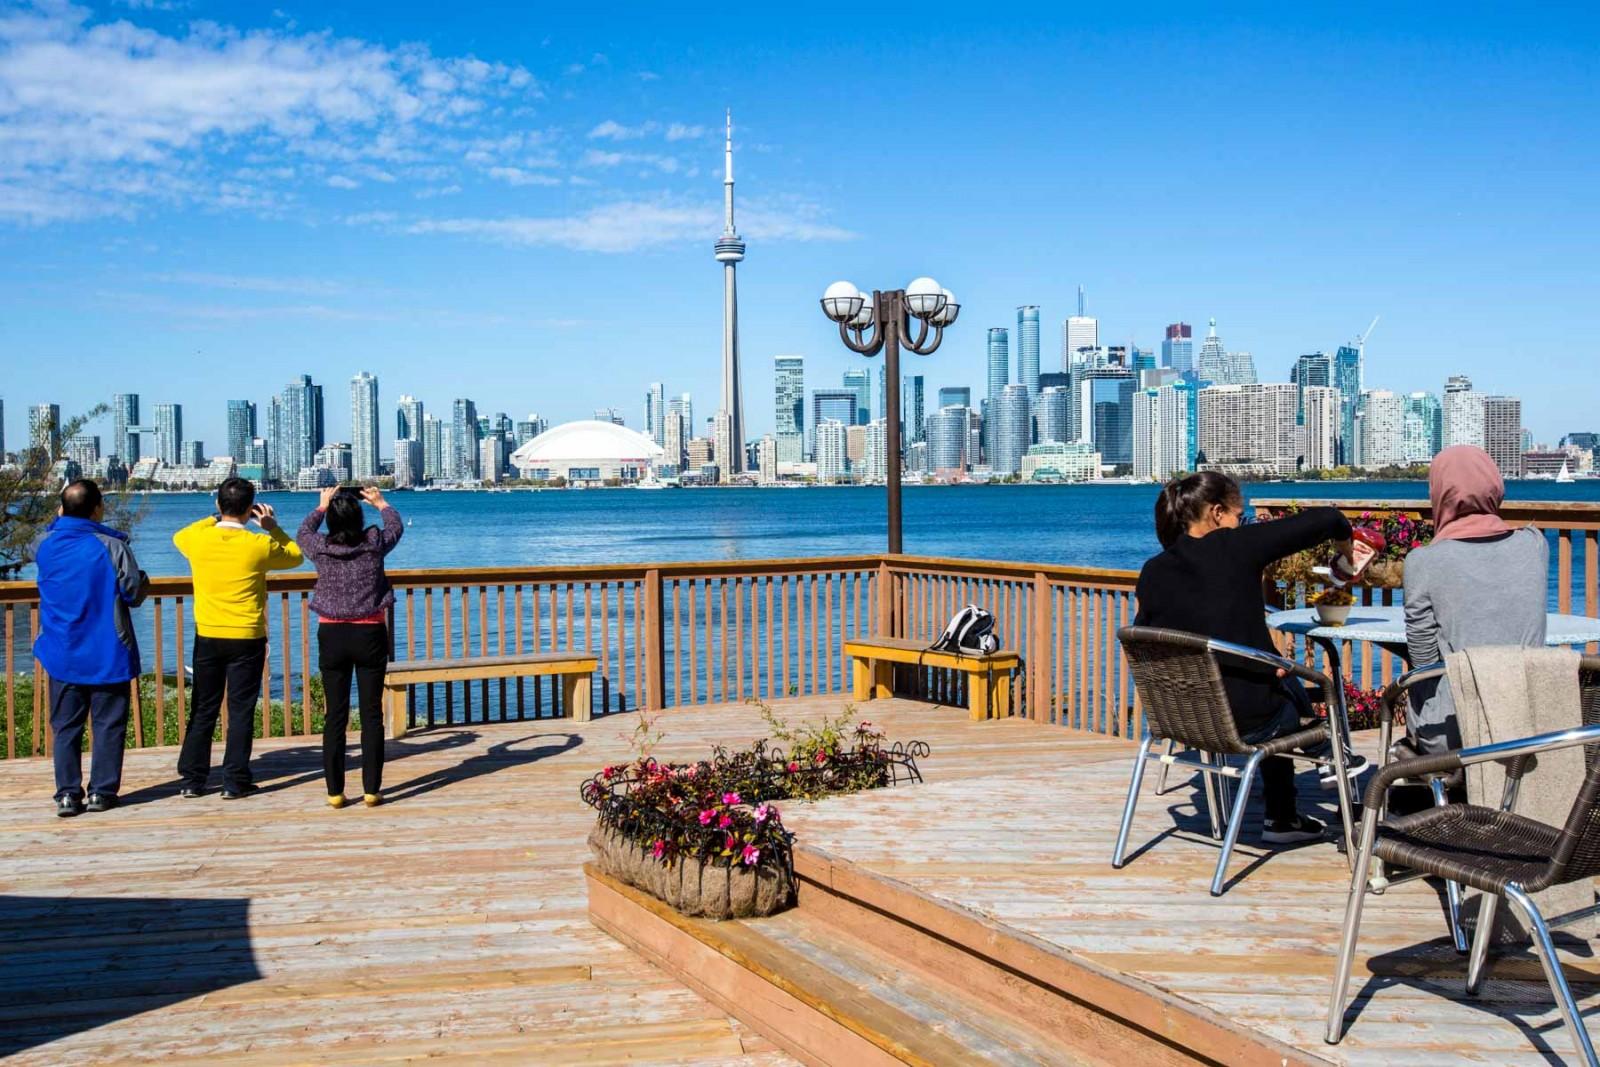 Previews_Toronto_BasvanOort-22 Toronto, fris en open-minded